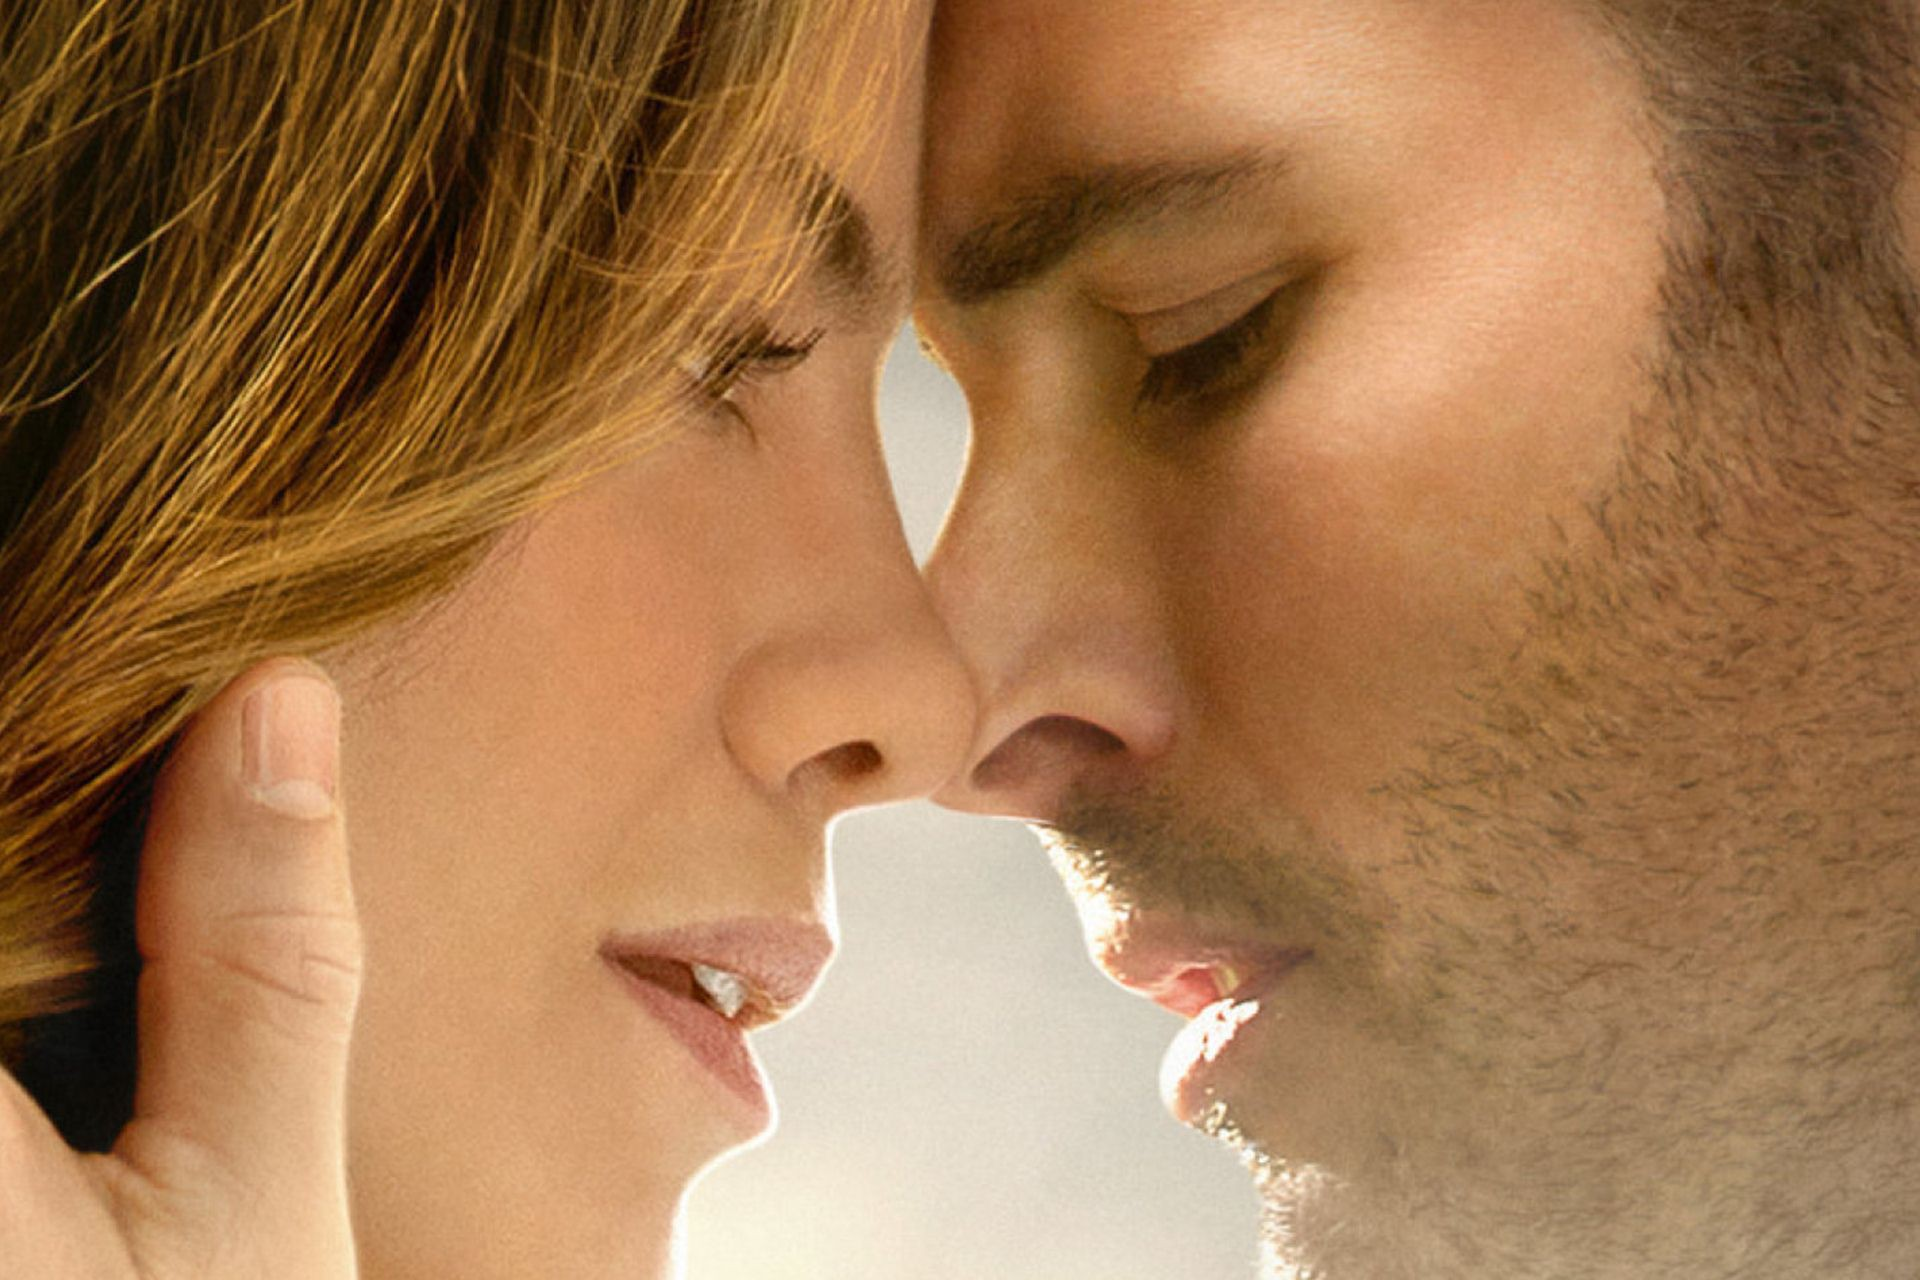 Meu Amor Eu Já Sou Outra E Sendo Outra Não Sou Mais Sua: Eu Amo Filmes De Romance